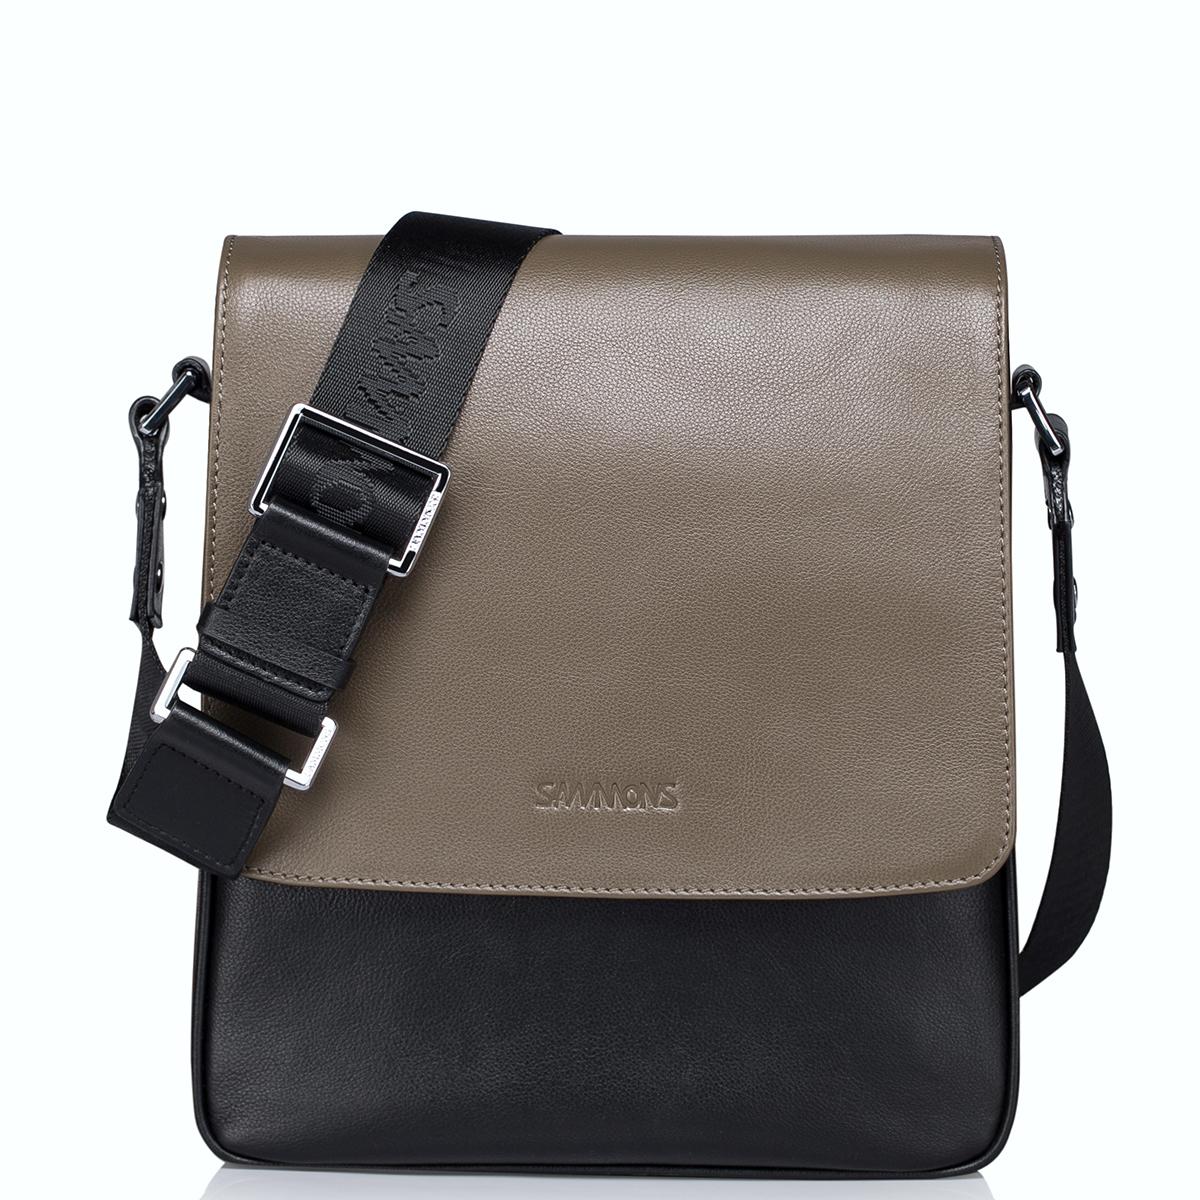 Pánská khaki kožená taška přes rameno Sammons